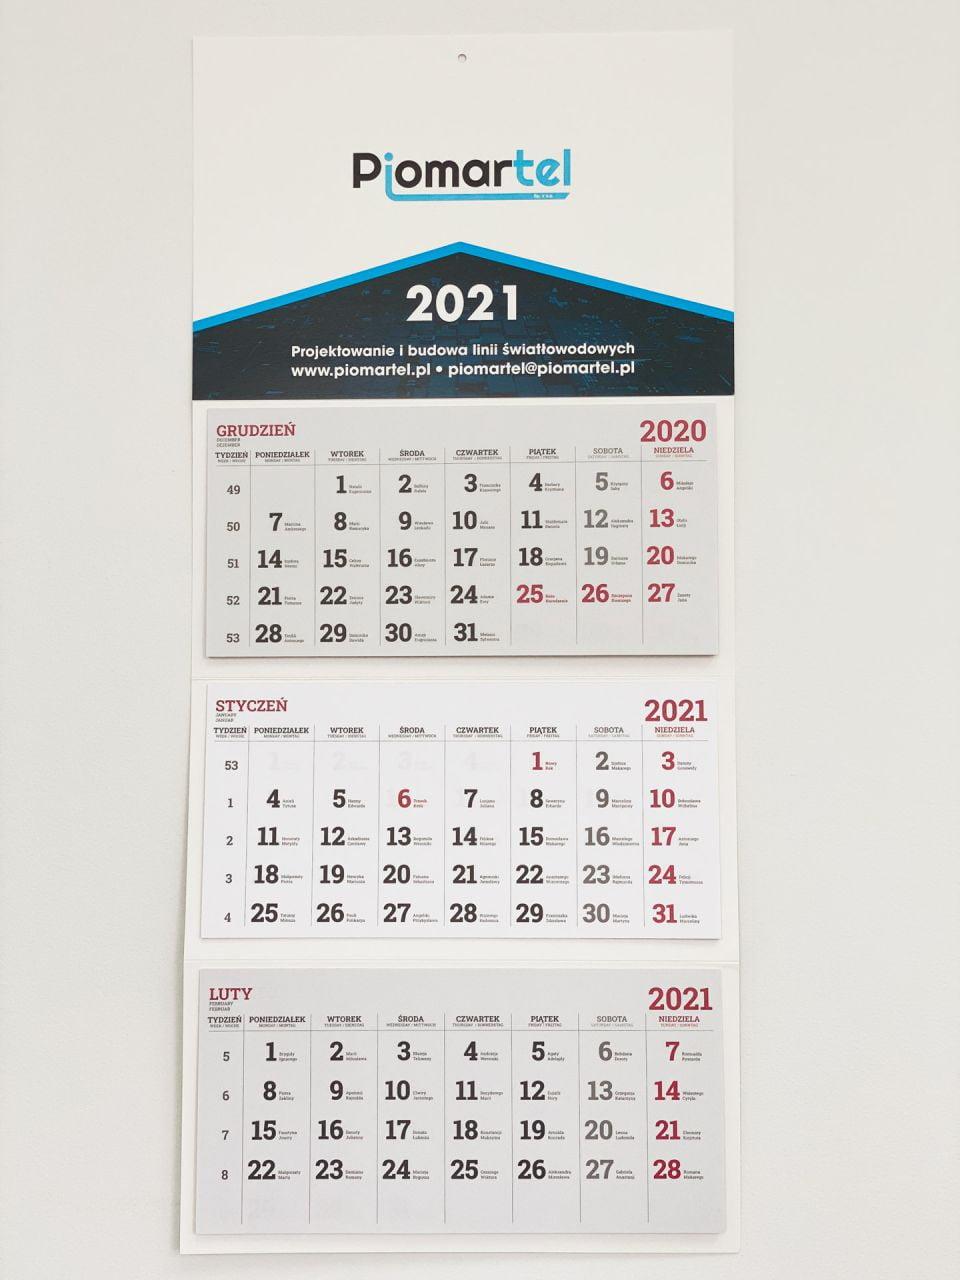 kalendarze trójdzielne z logo Piomartel